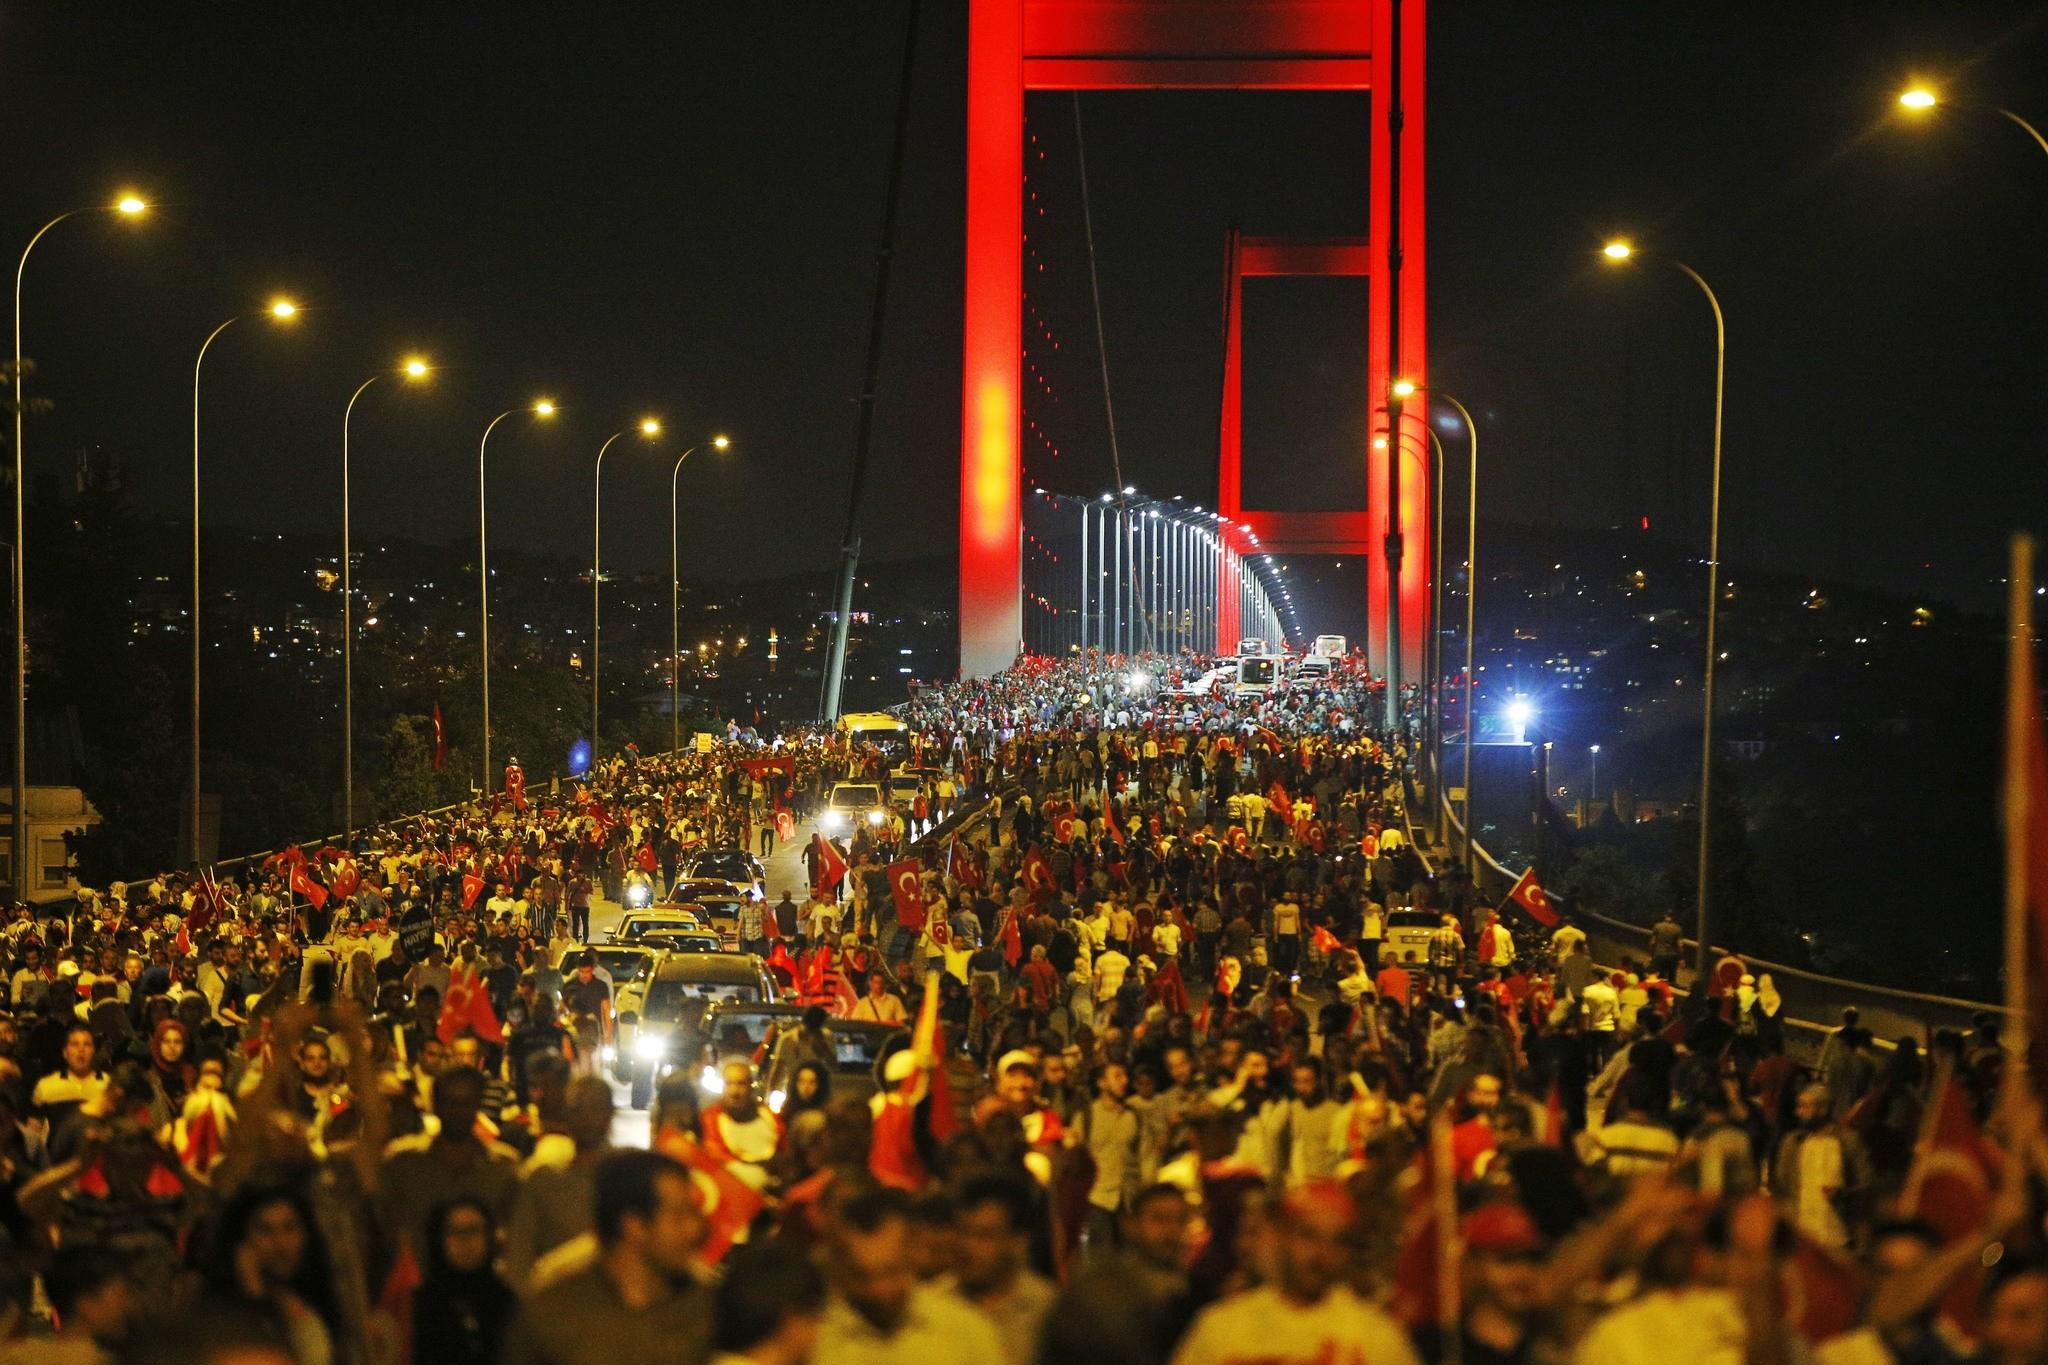 Turkish people protest on Istanbul's iconic Bosporus Bridge, late Thursday, July 21, 2016. (AP Photo)